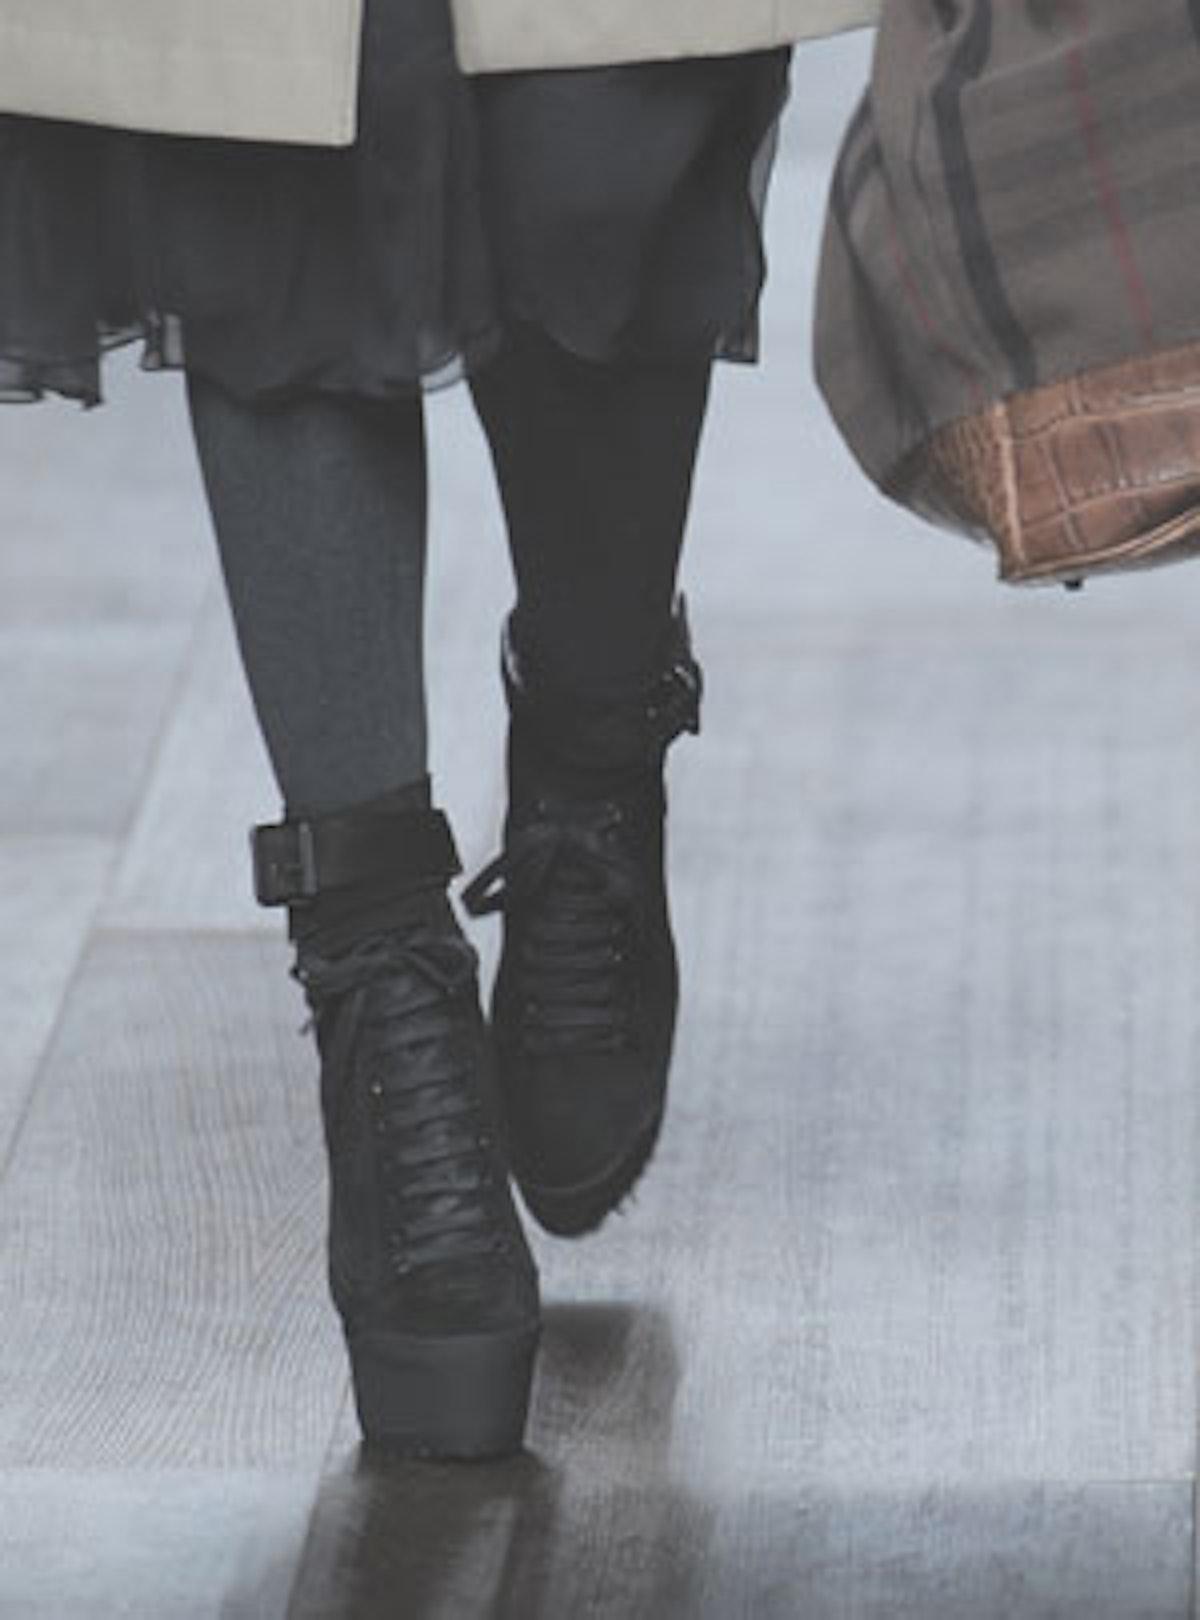 acss_runway_shoes_07_v.jpg